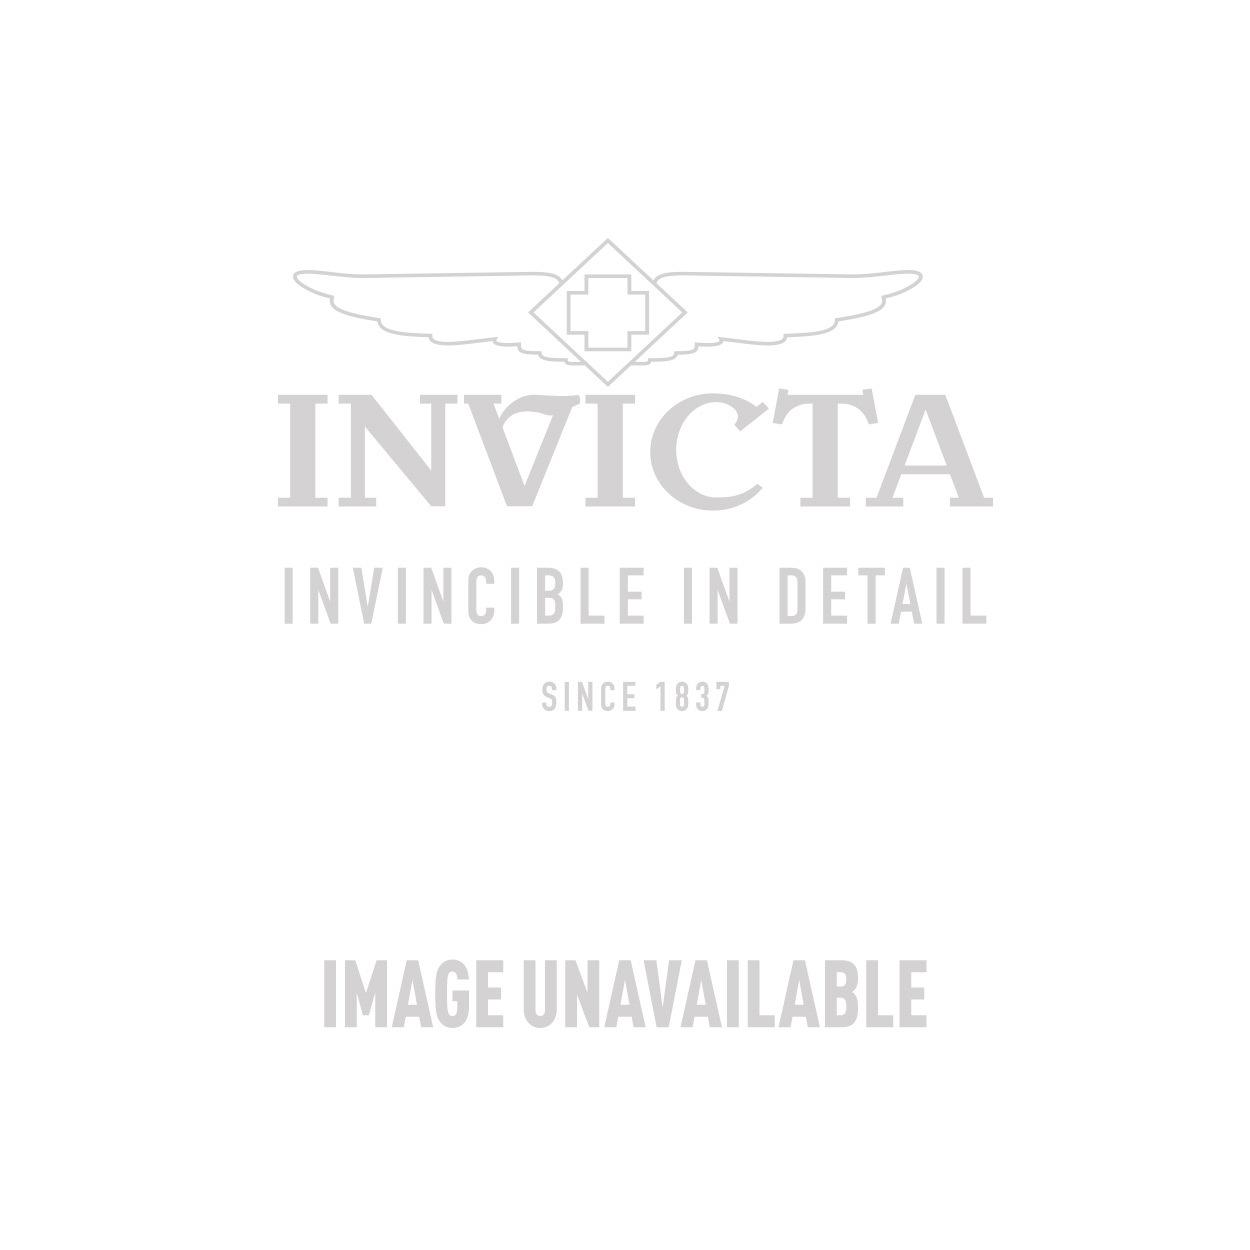 Invicta Model 24631